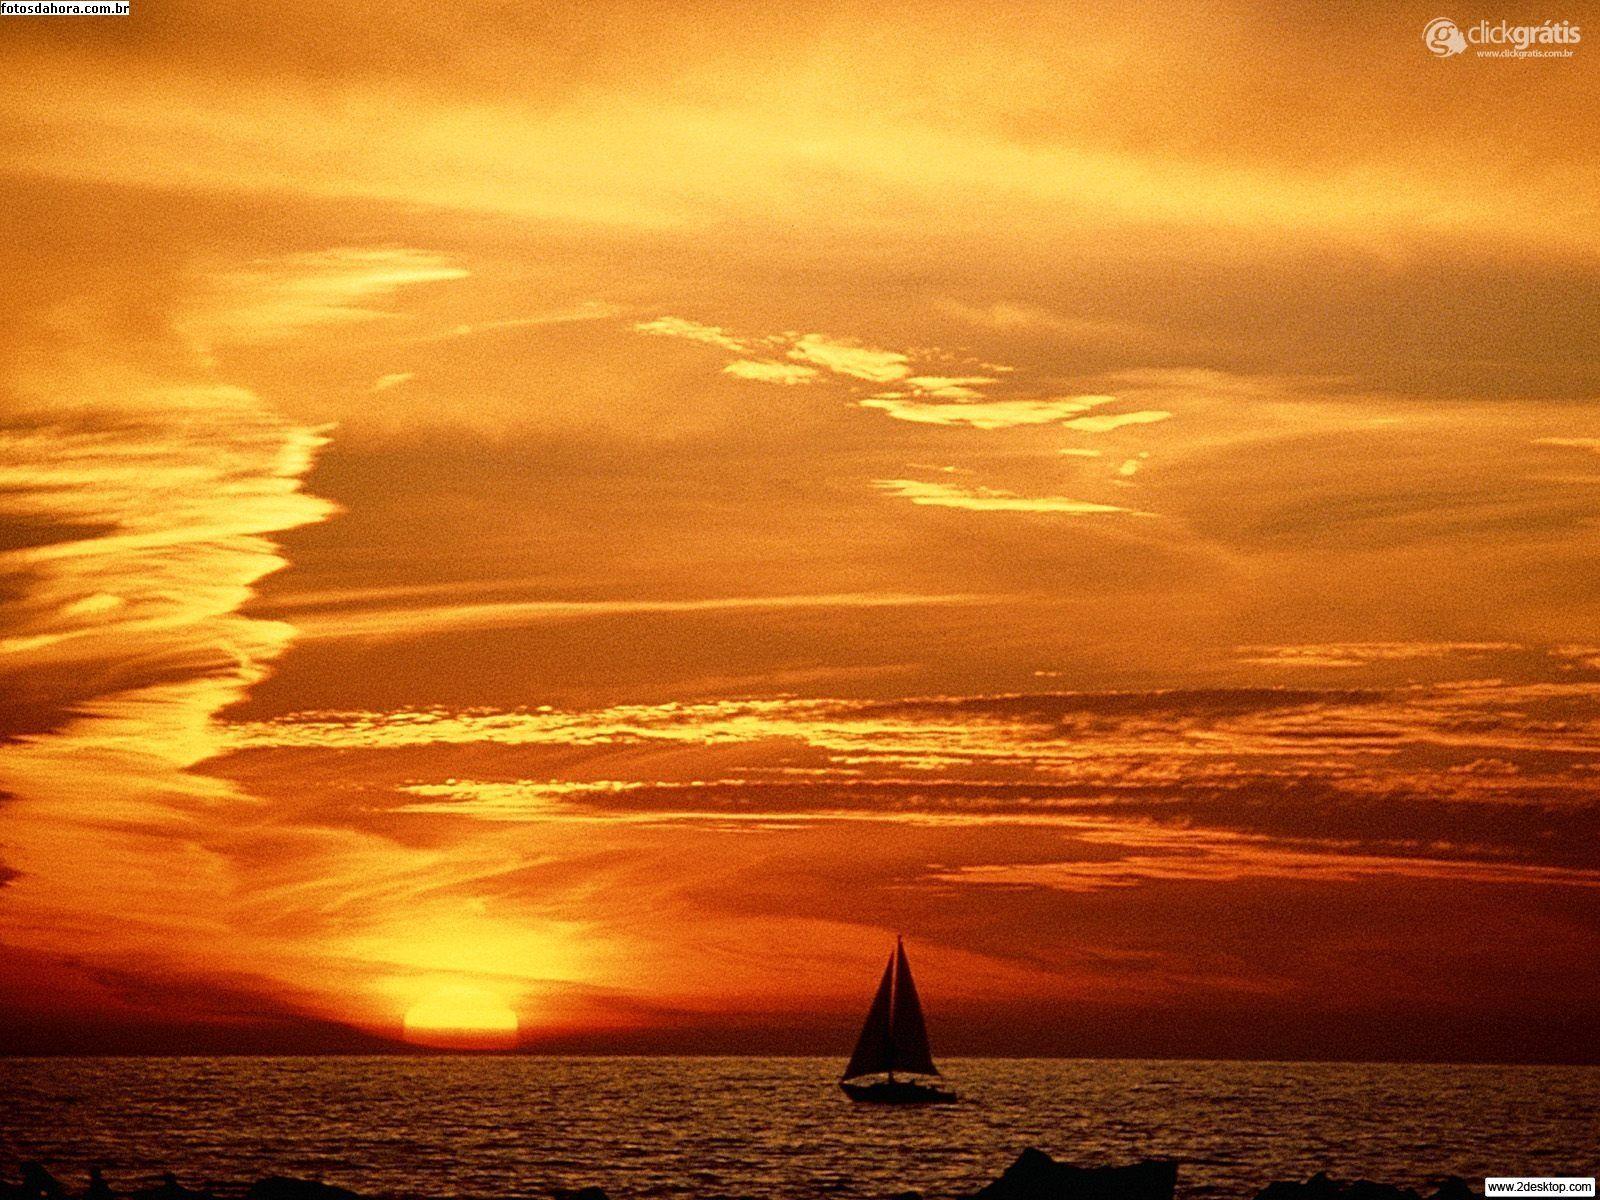 Barco no meio do oceano